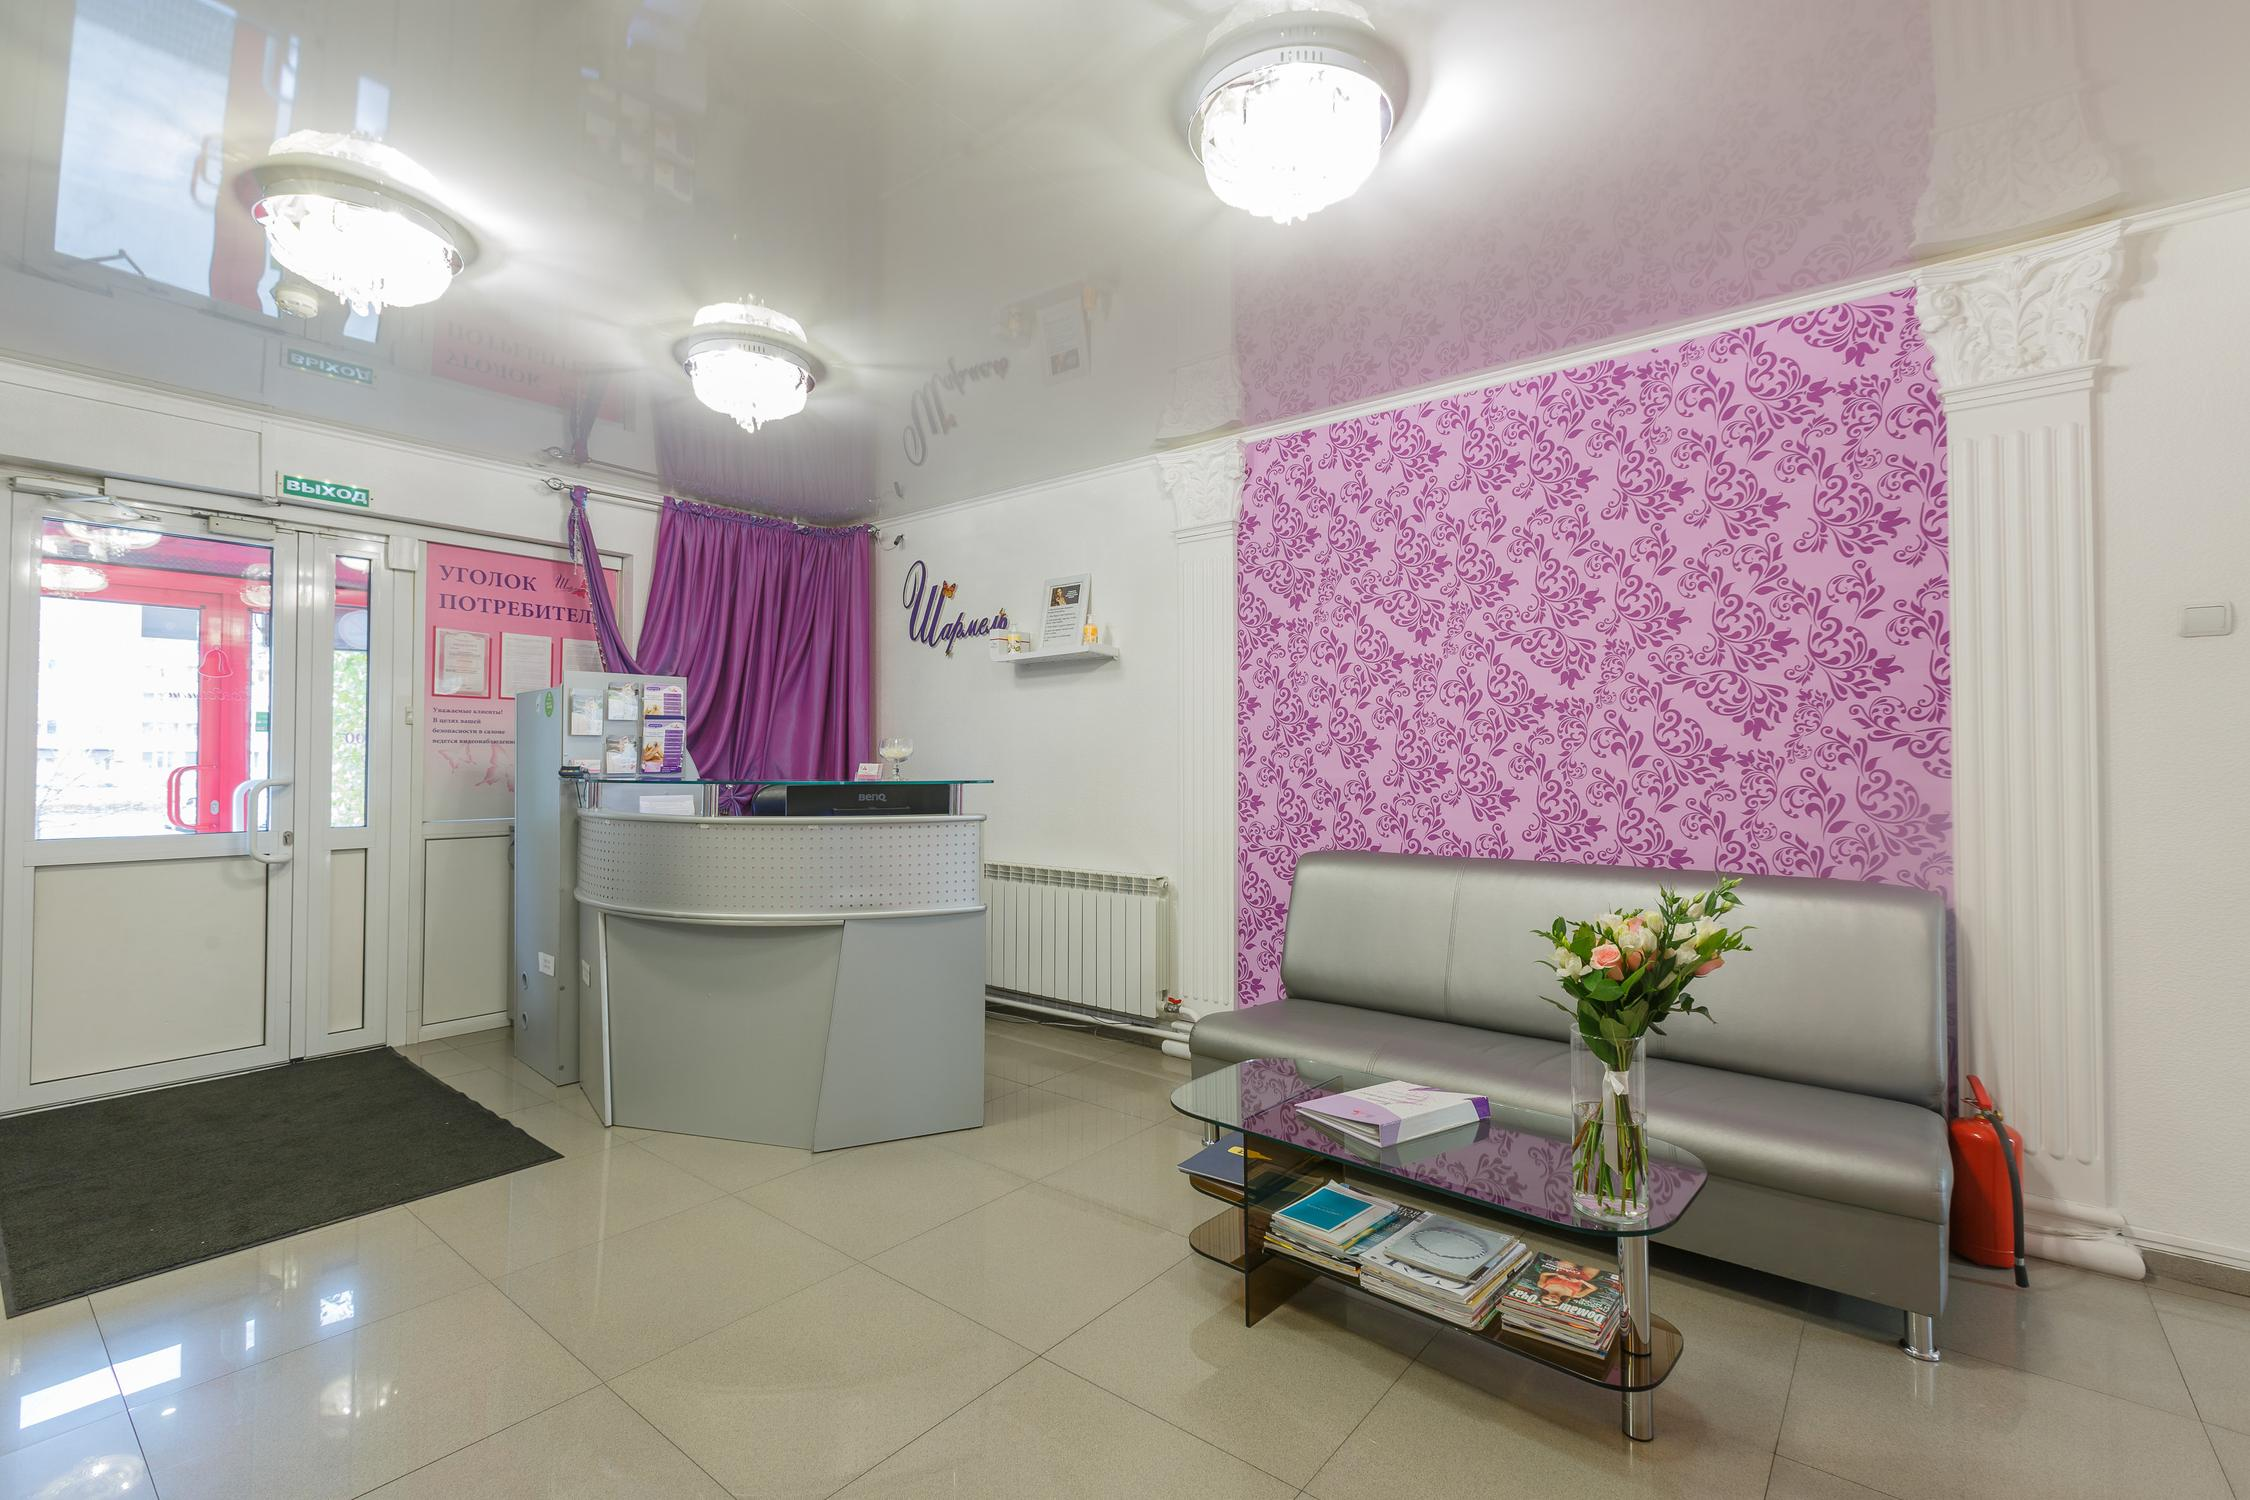 фотография Медицинского центра красоты Шармель на улице Алексеева, 25